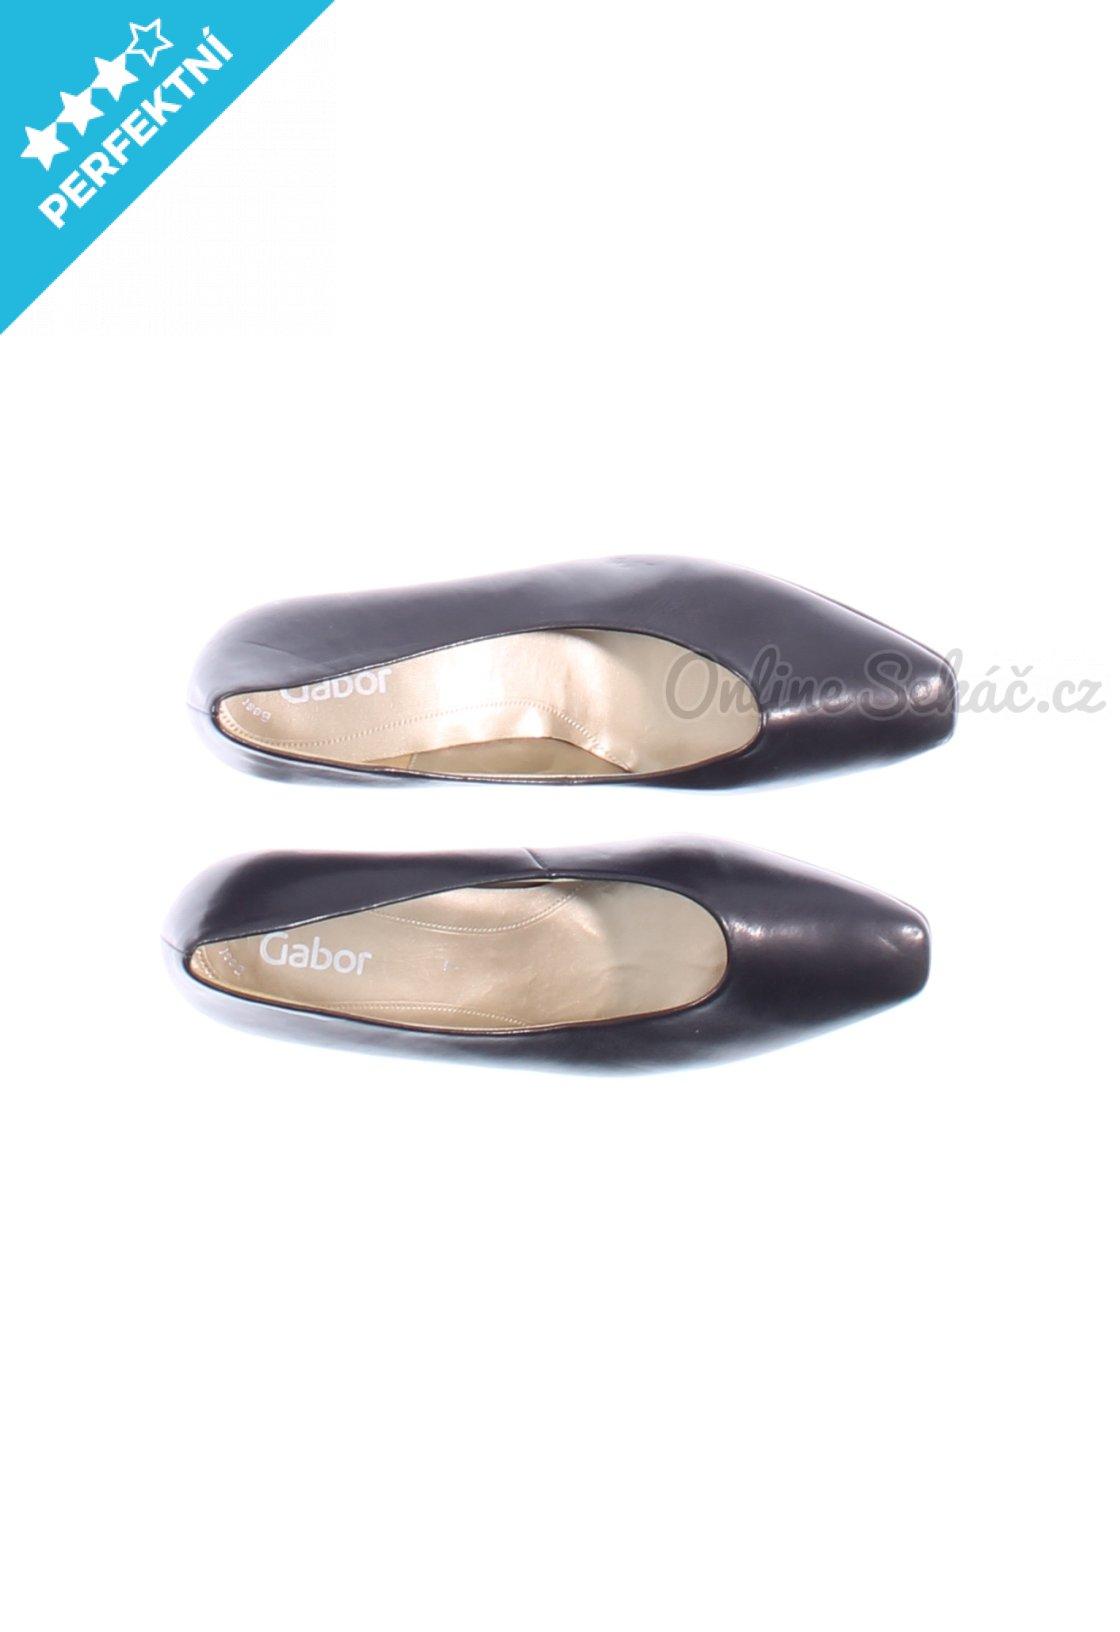 4a89f4bfa7c5 Second hand   Dámské   Obuv   Dámské boty na podpatku GABOR 40 ...